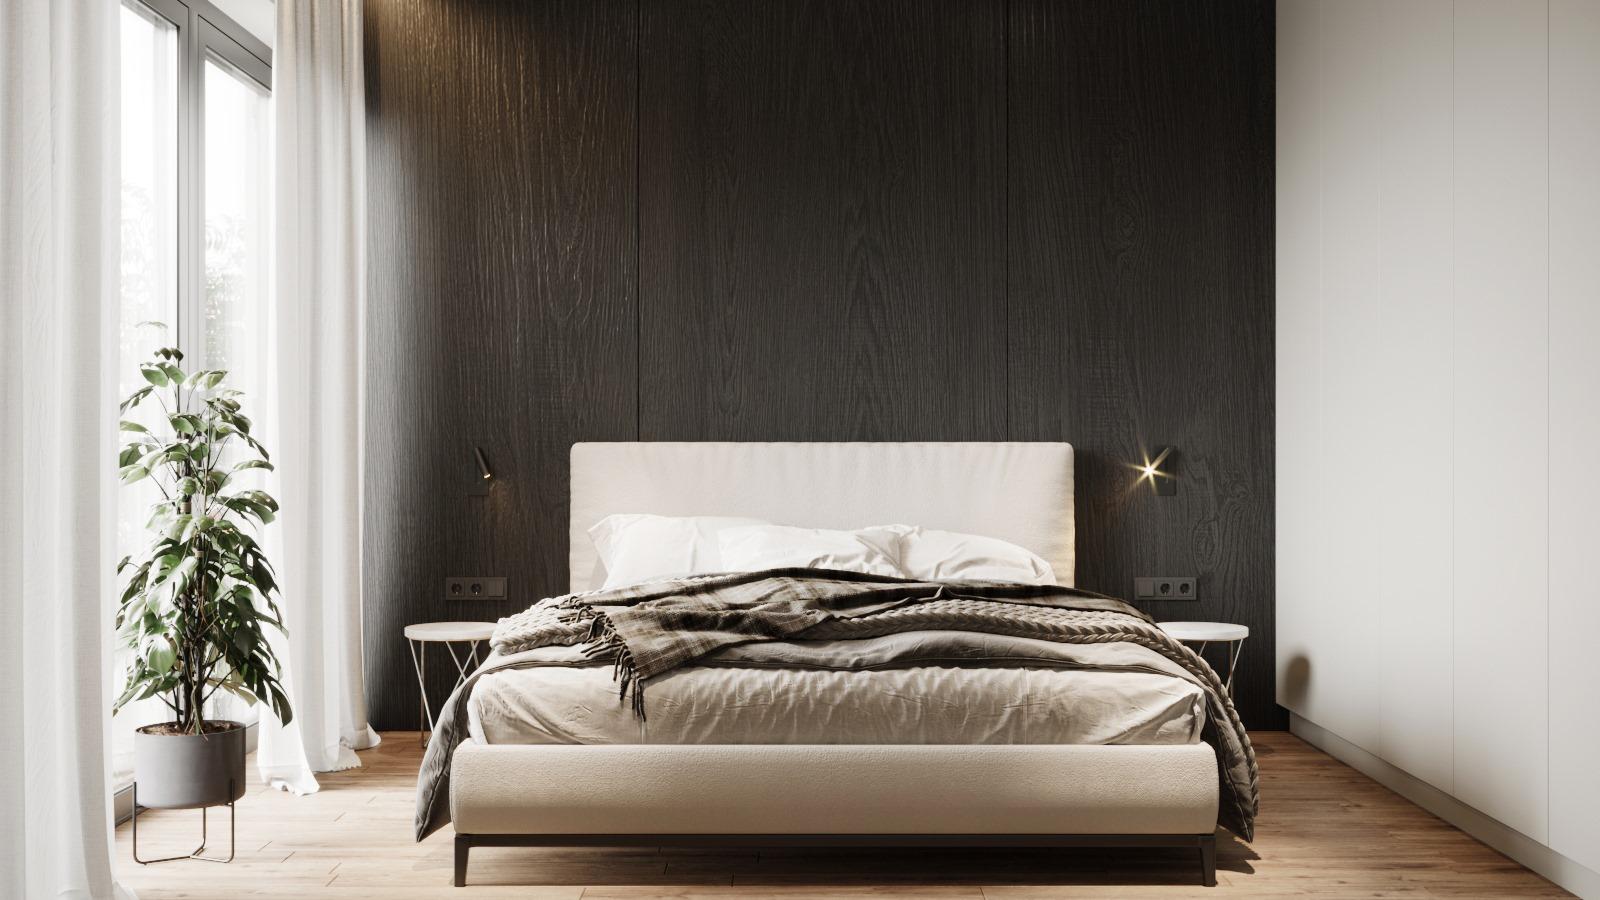 Sypialnia  zaprojektowana przez pracownię architektoniczną OIKOI